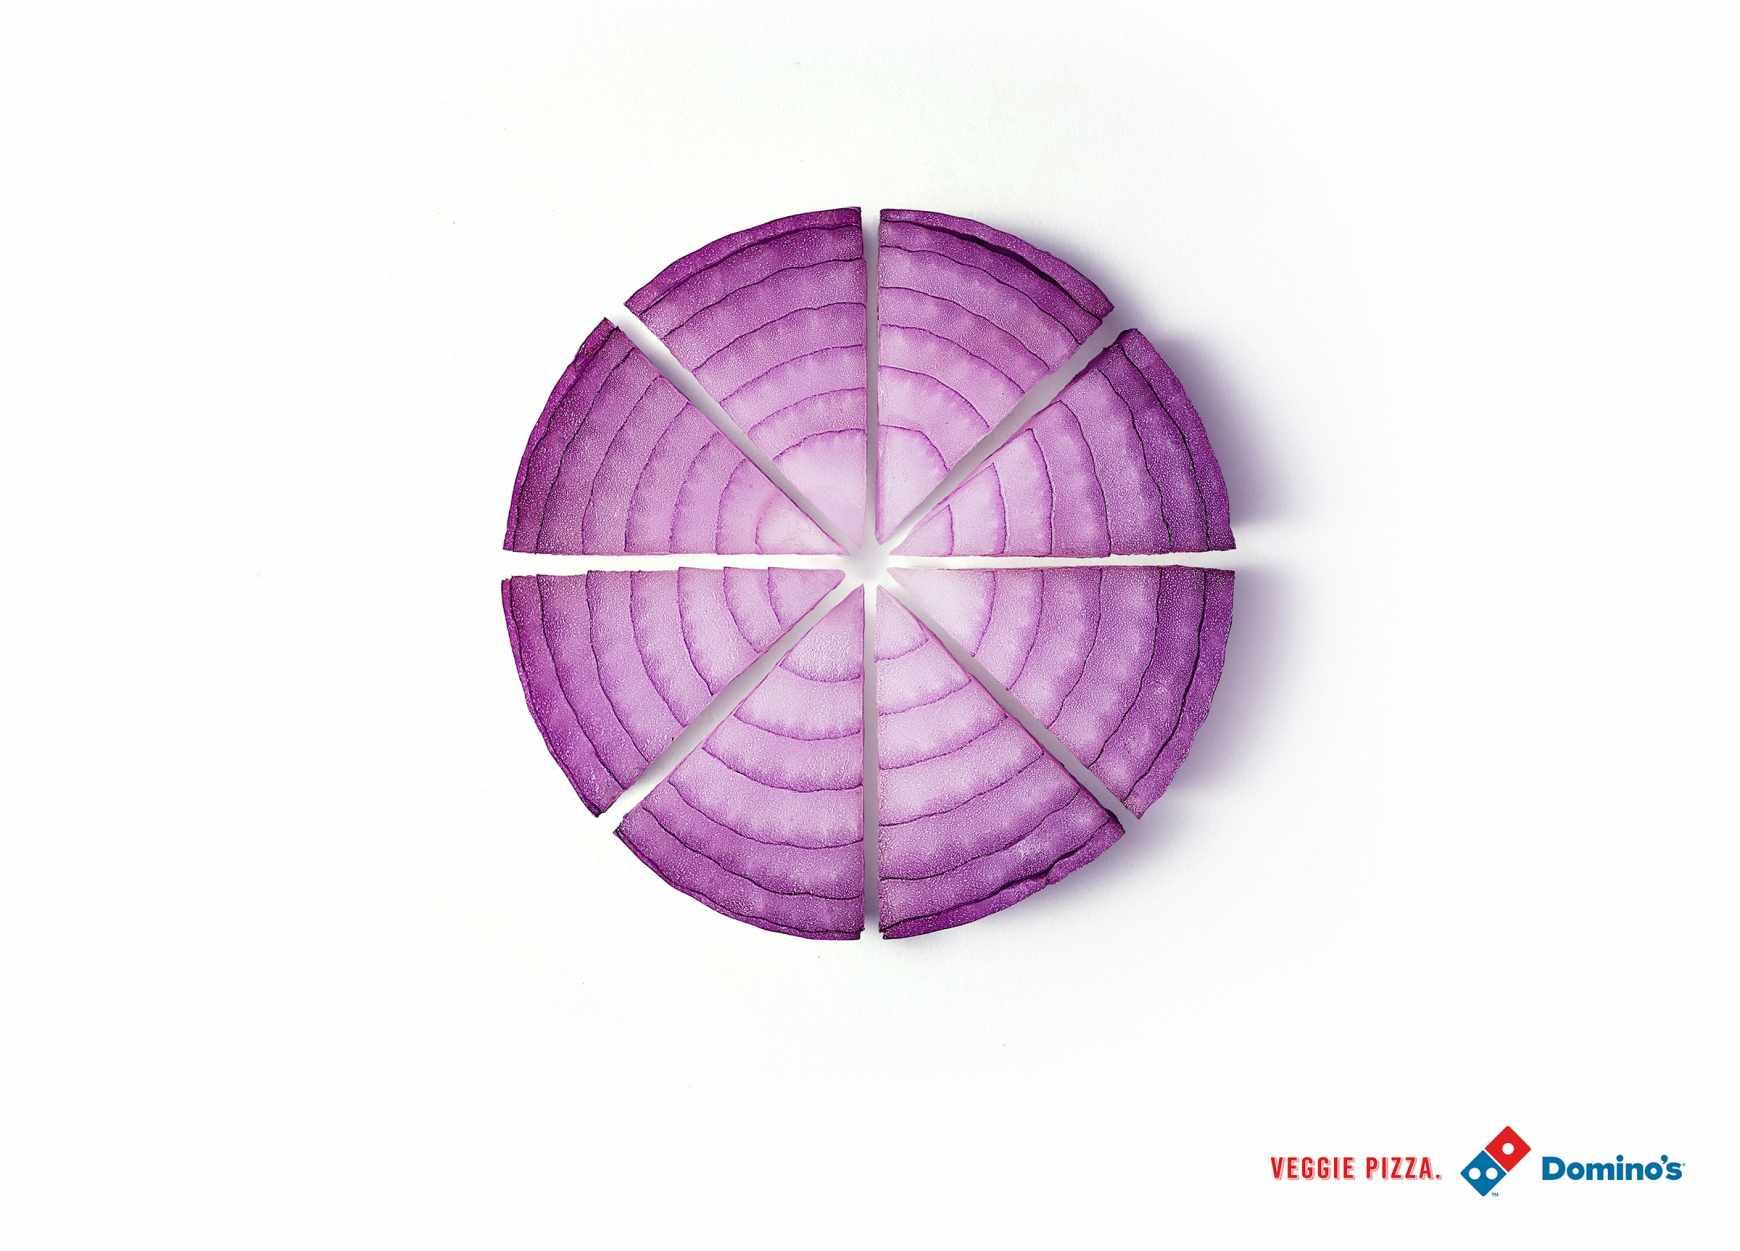 onion_aotw_1